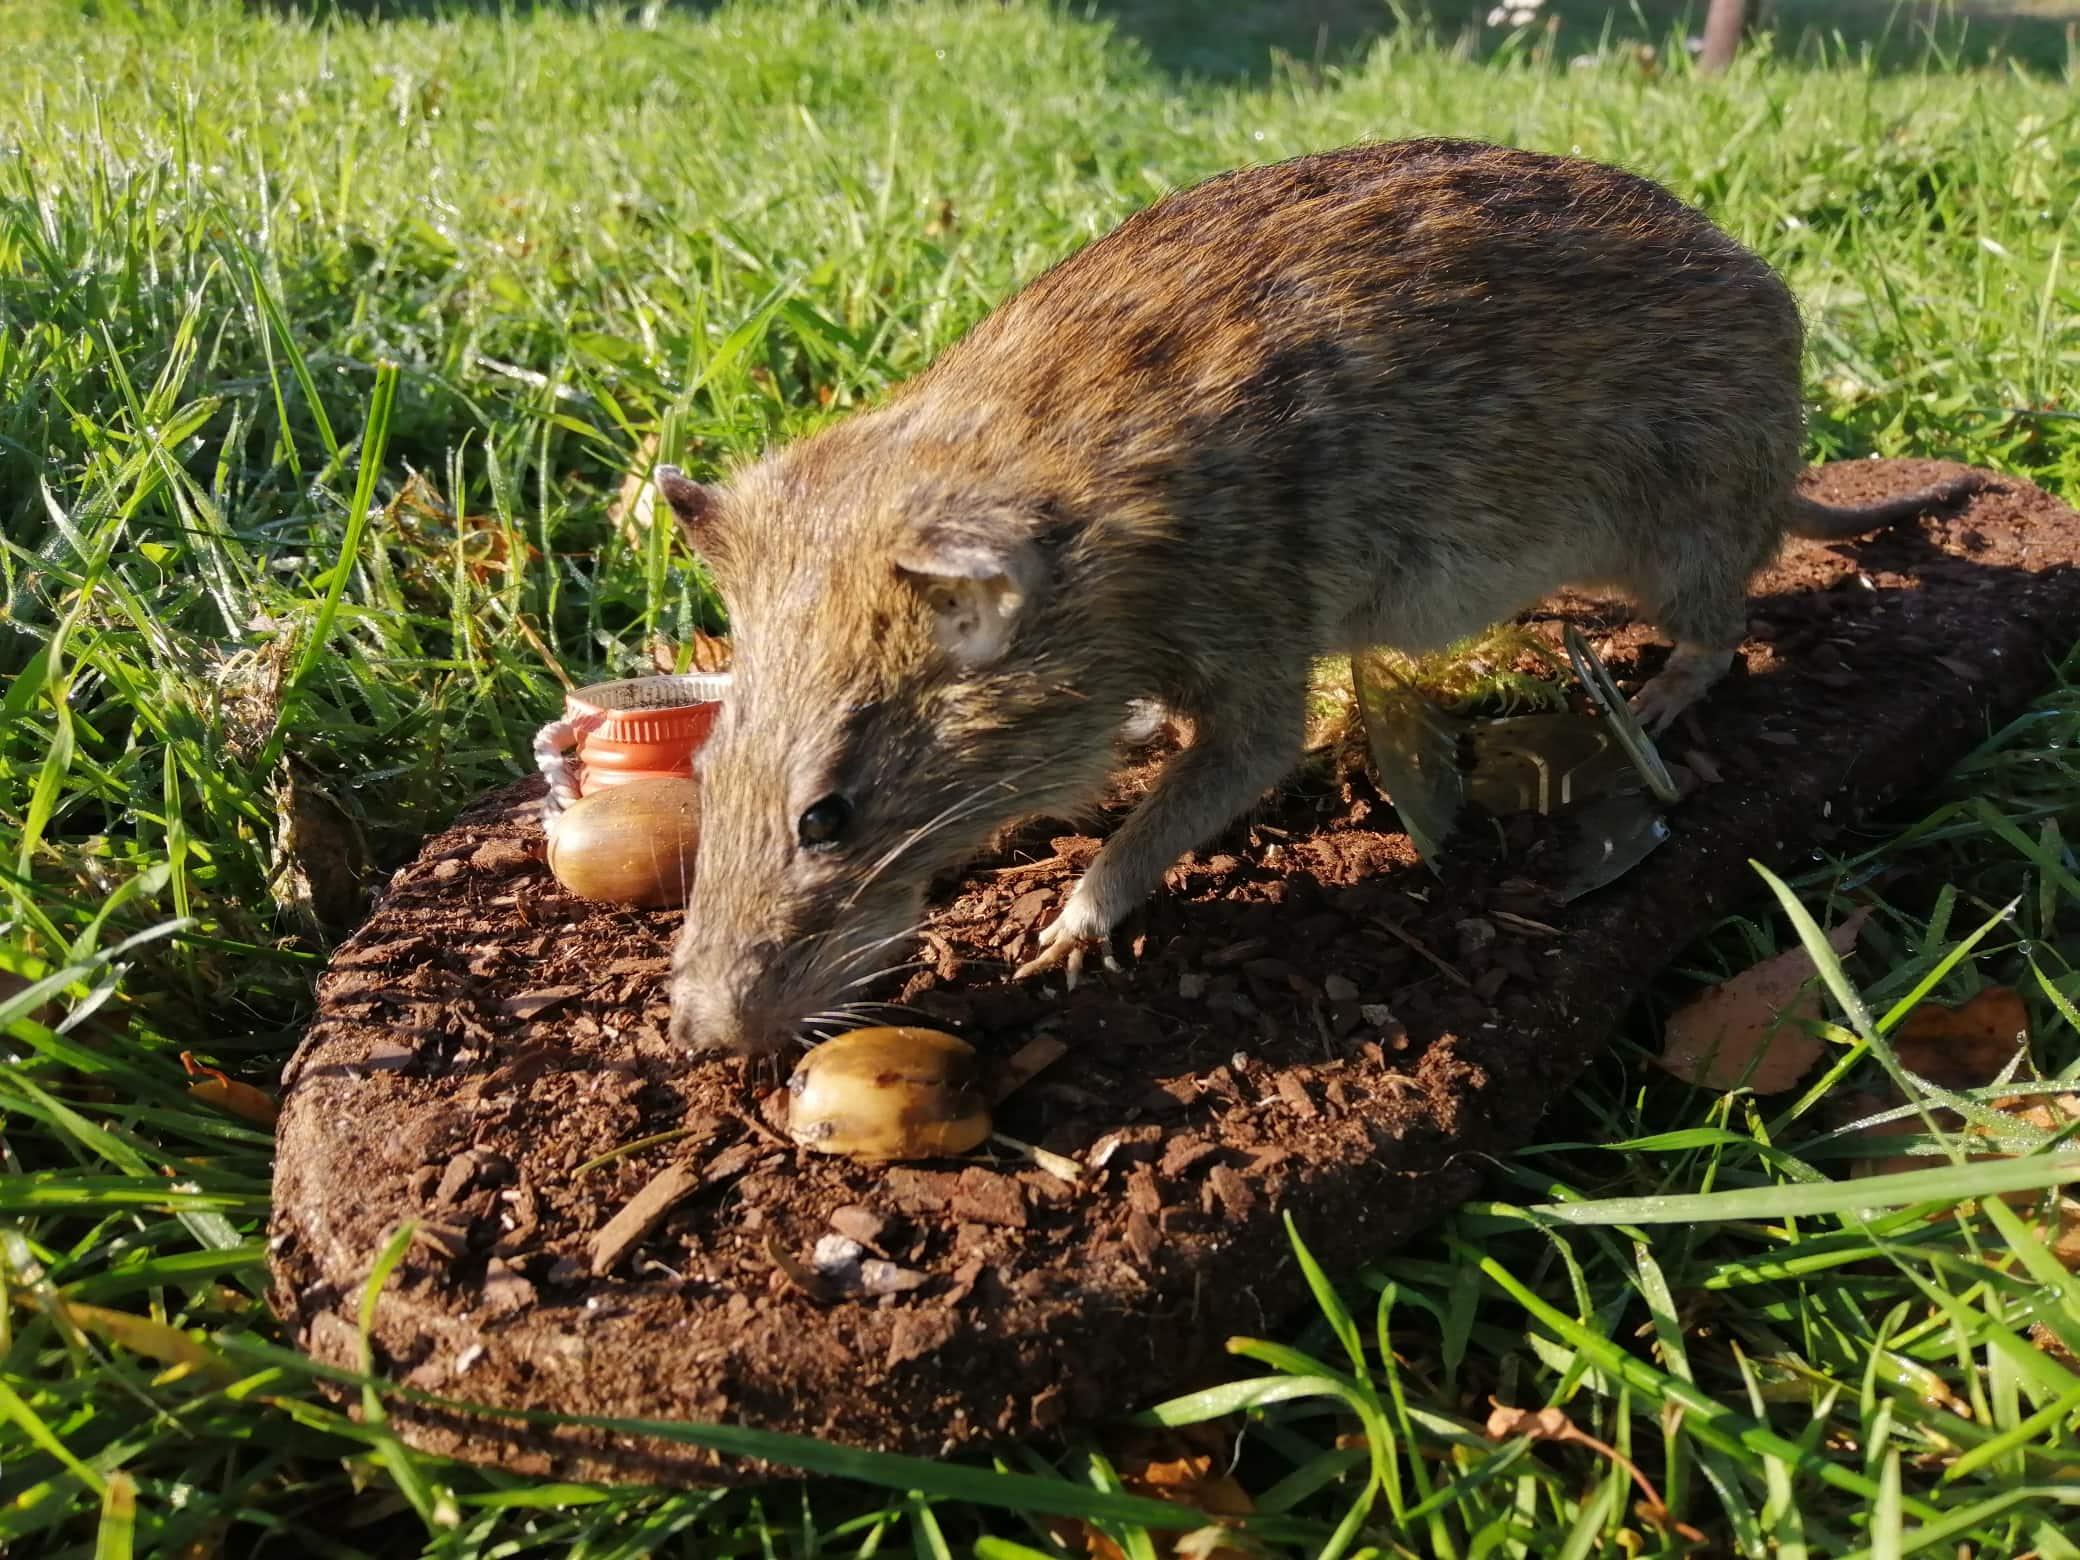 Huidpreparaten | Bruine rat | Veenhuis Ongediertebestrijding